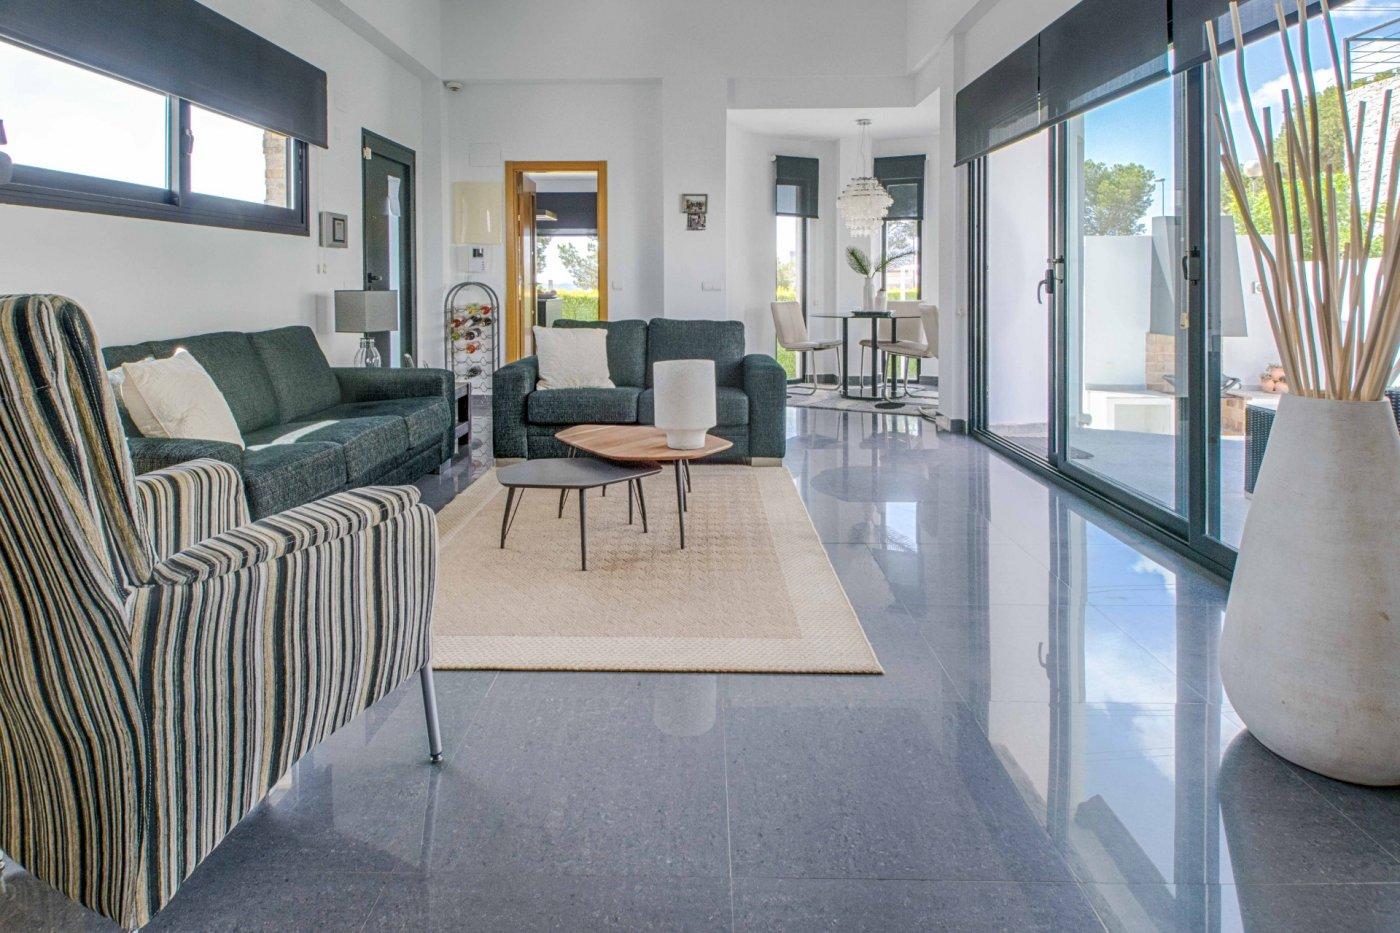 Propiedad en venta - Villa · Polop - Inmobiliaria Altea